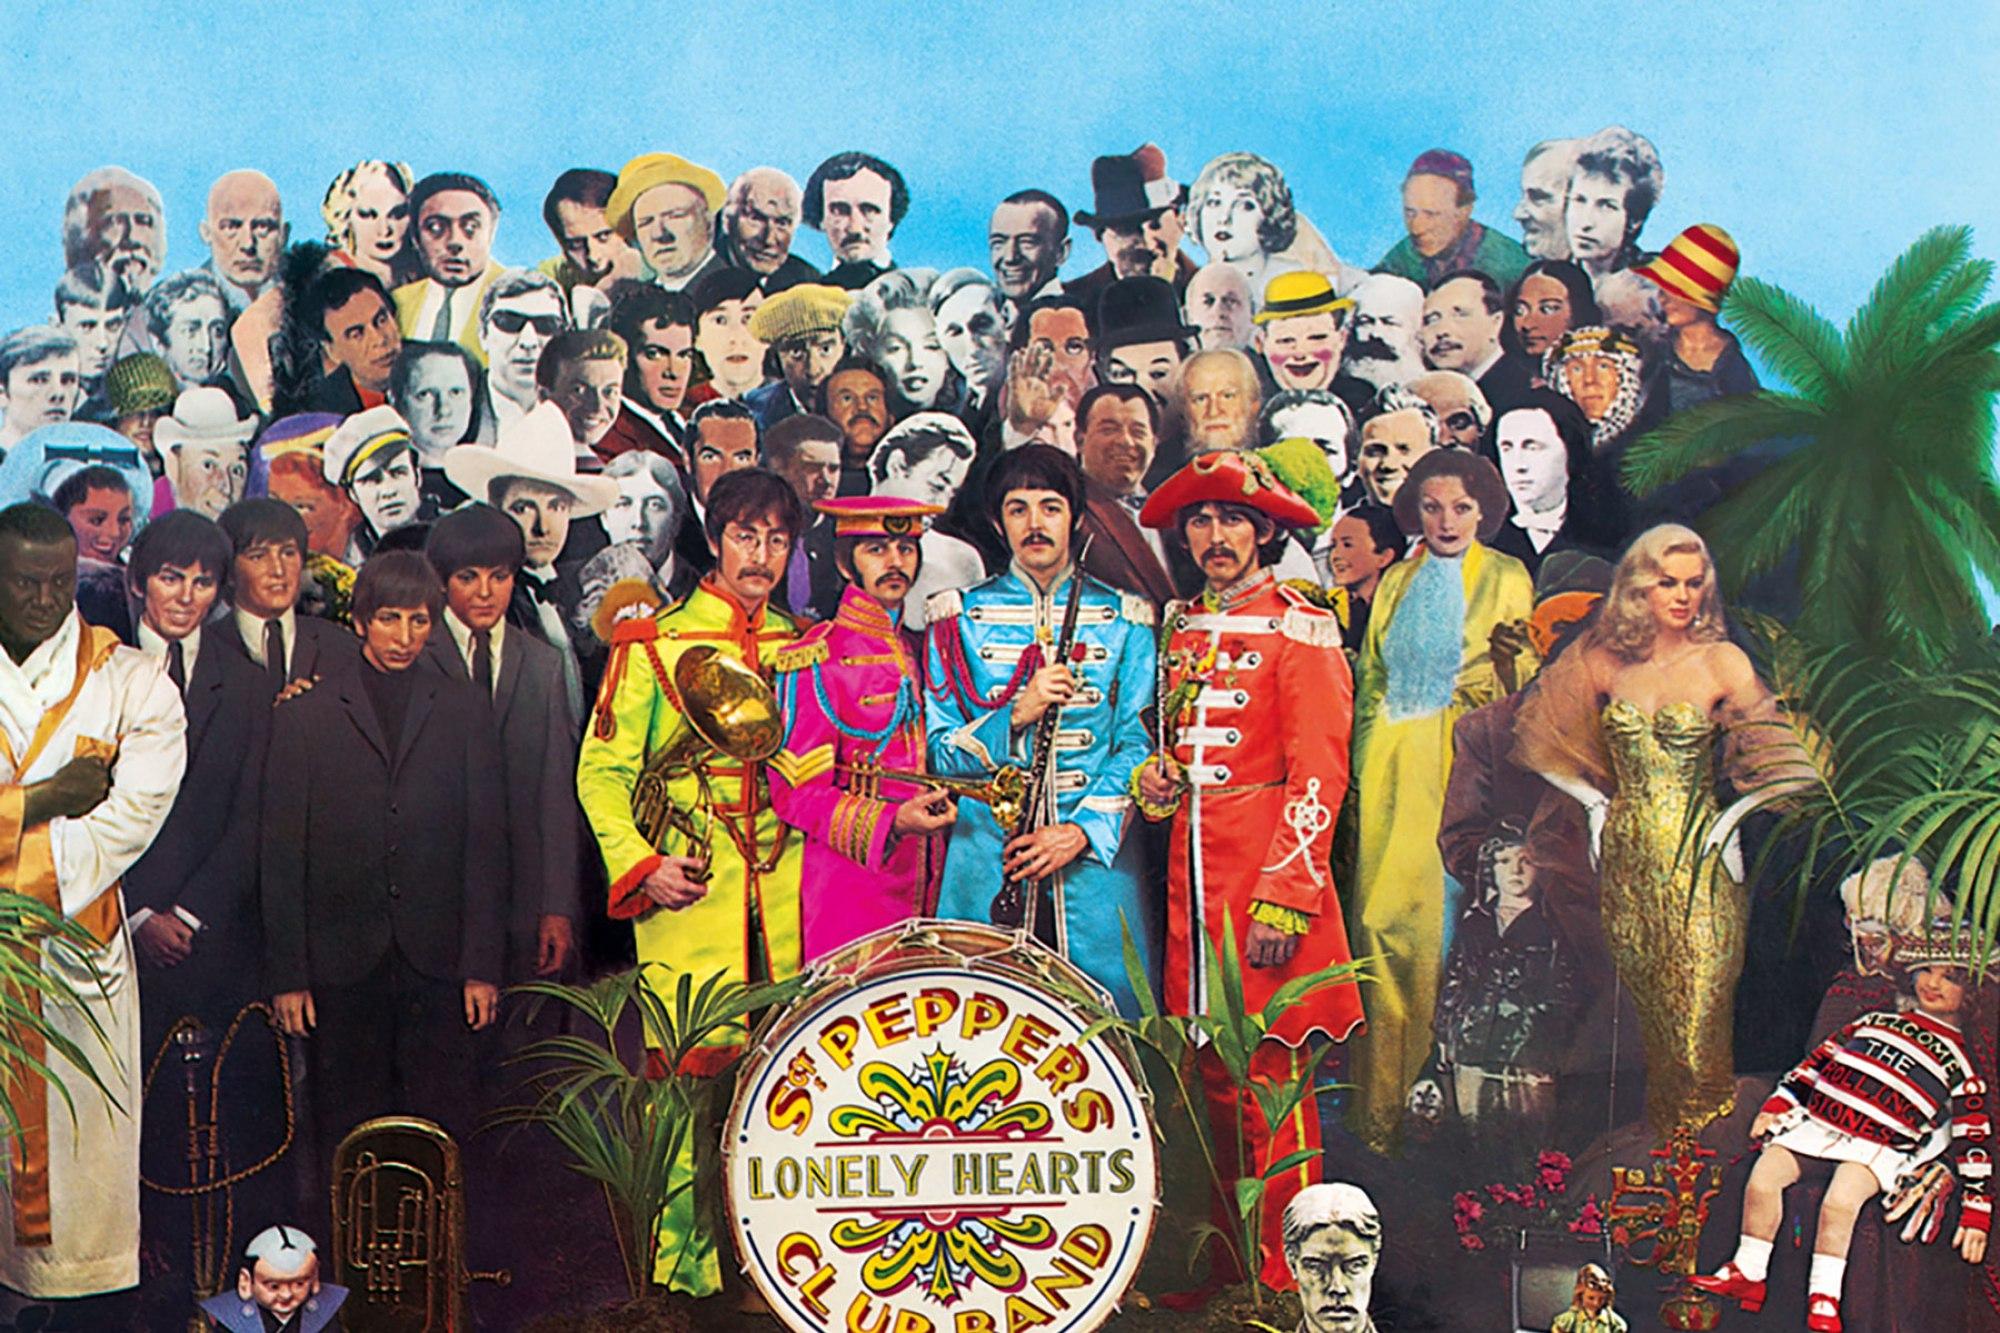 Sgt__Pepper's